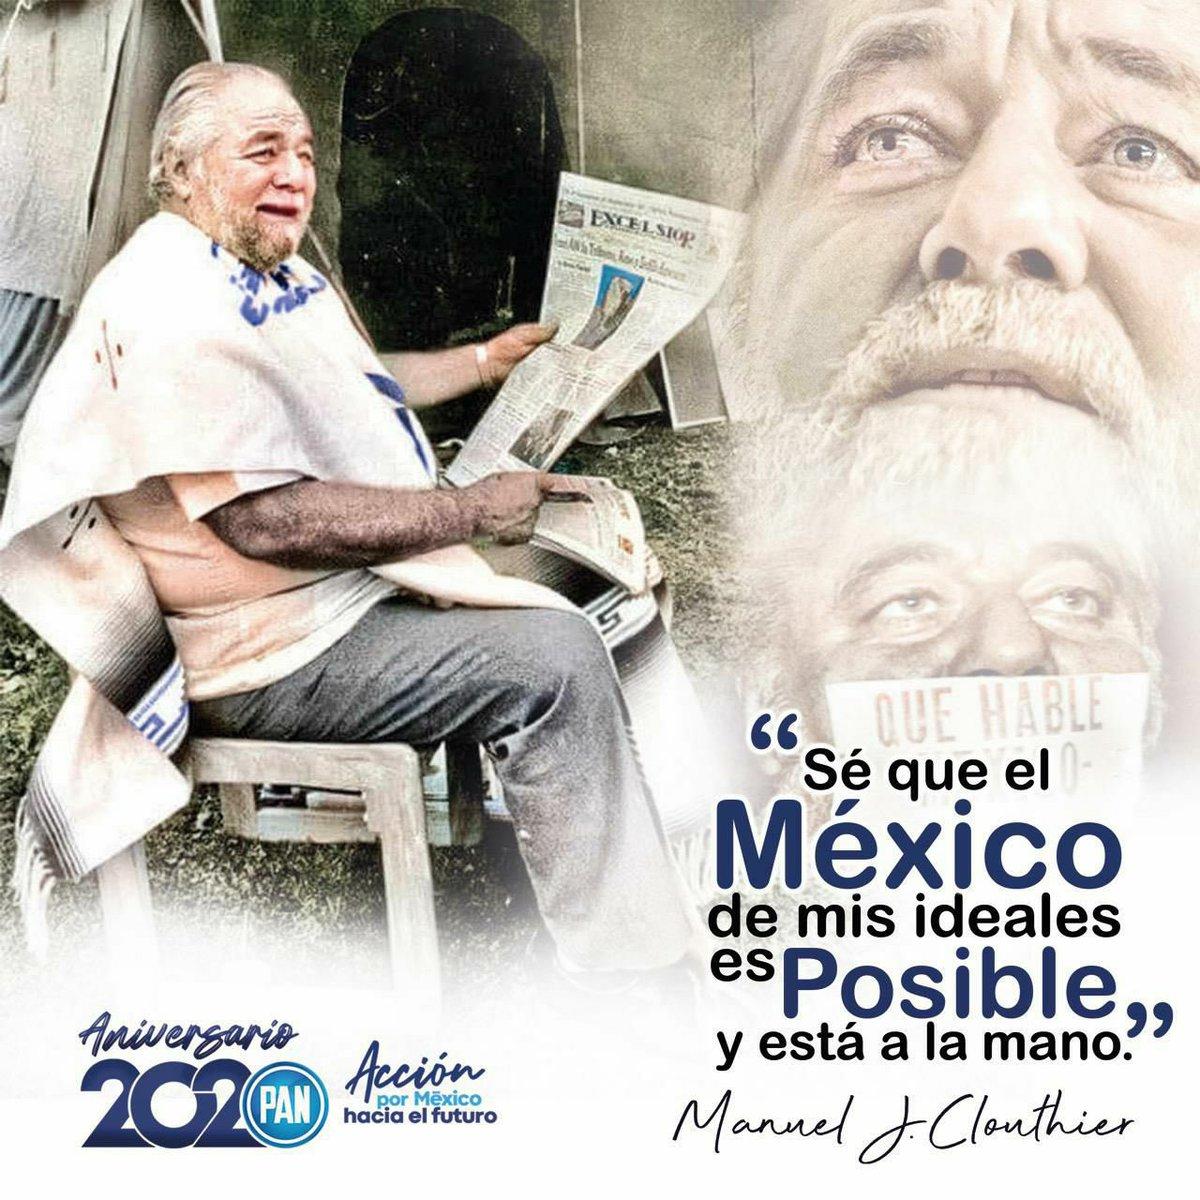 #AcciónPorMéxico 🇲🇽  81 años Aniversario!!!!!! https://t.co/d2to7W5Gie